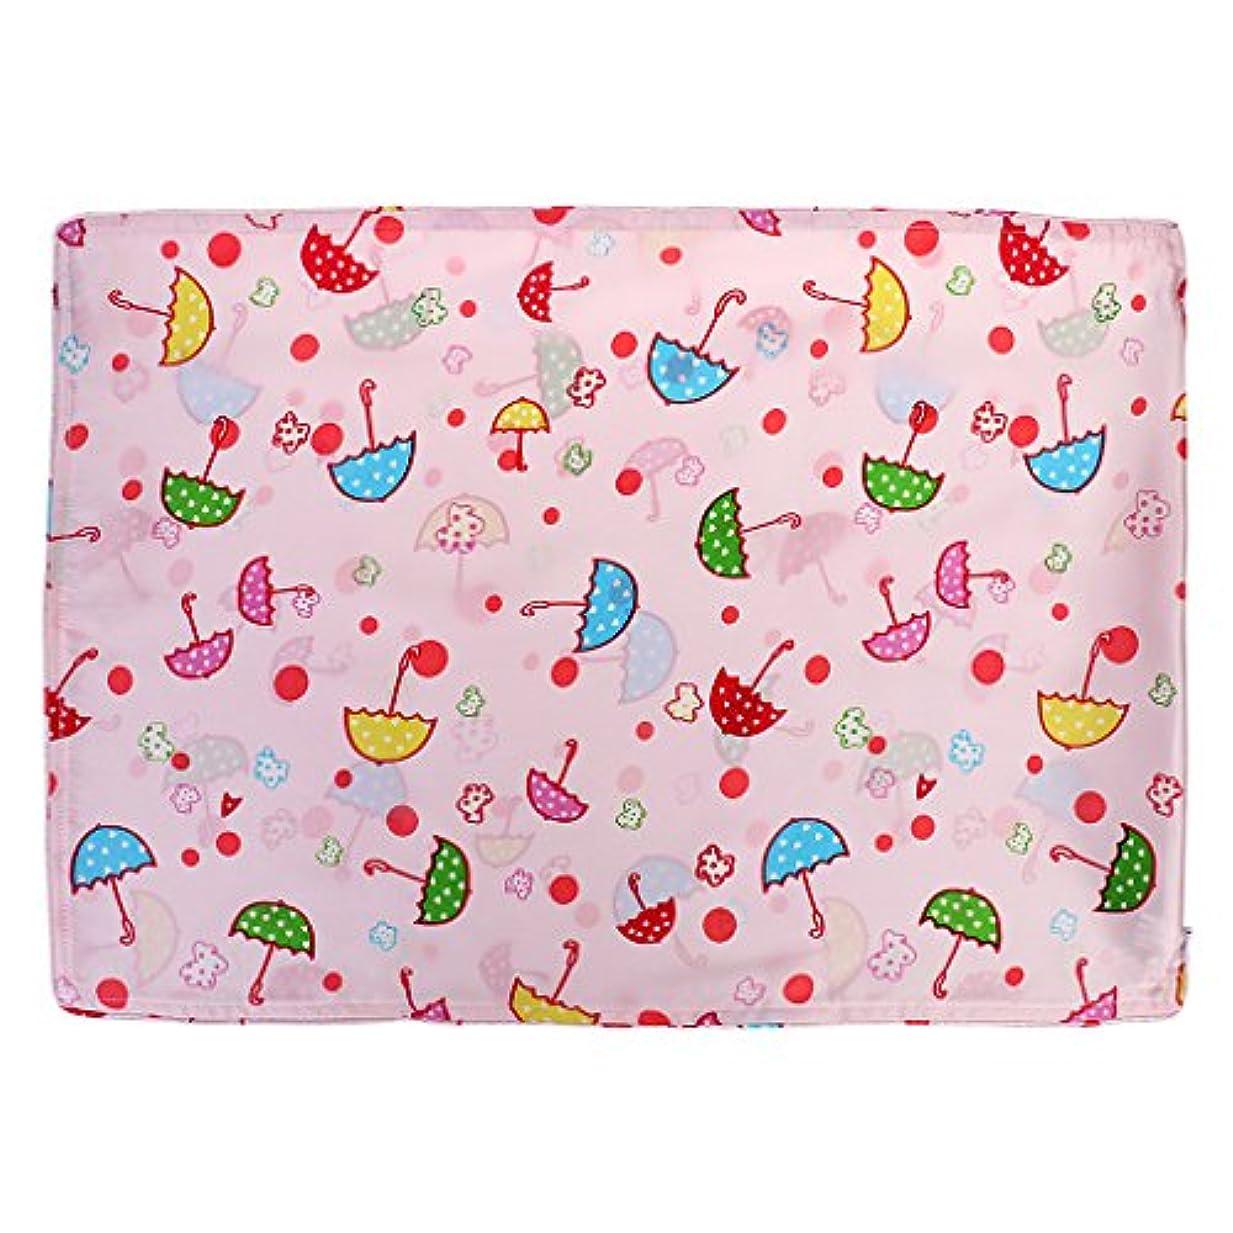 苦い退院読者かわいい赤ちゃんキッズ100%シルクサテン両面枕カバー30 * 45センチメートル傘ピンク